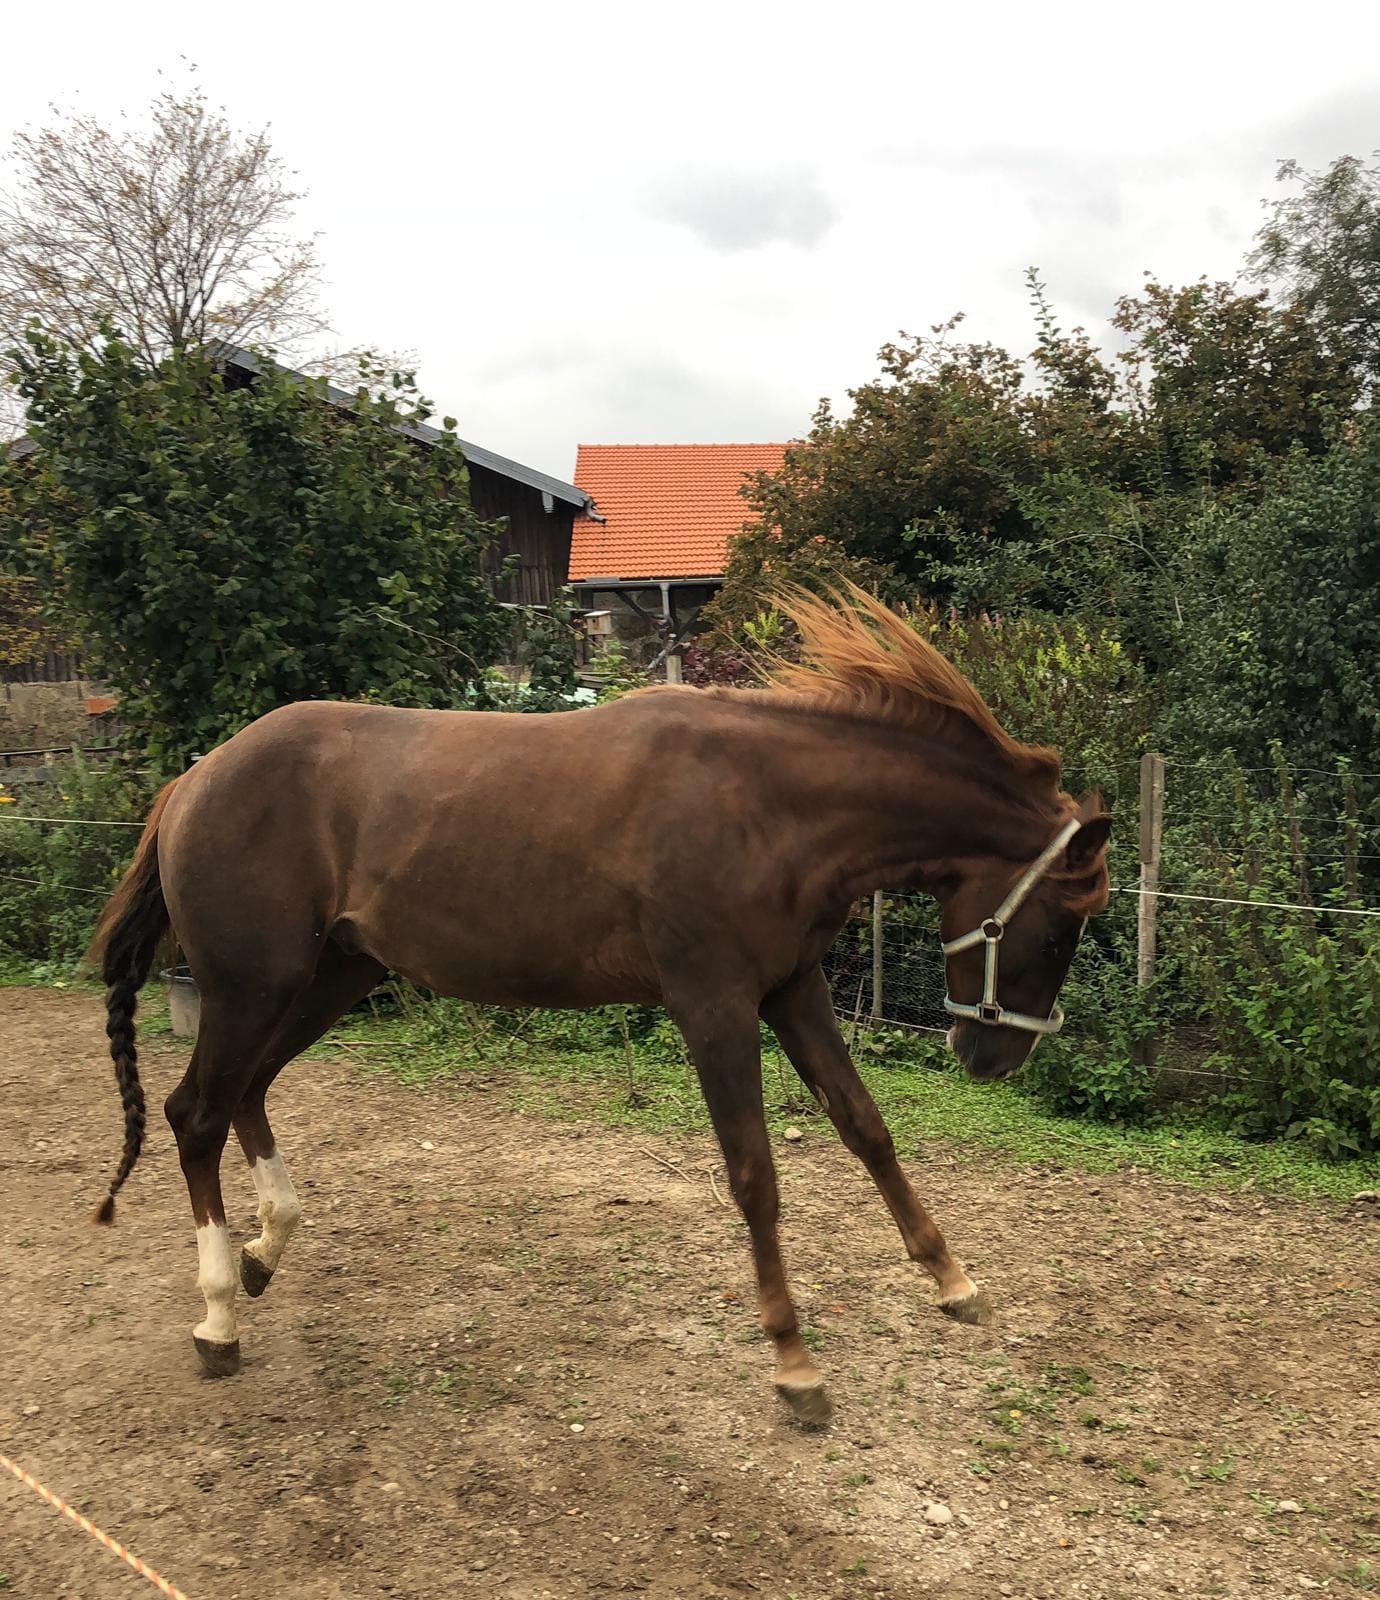 Pferde helfen, freude vermitteln